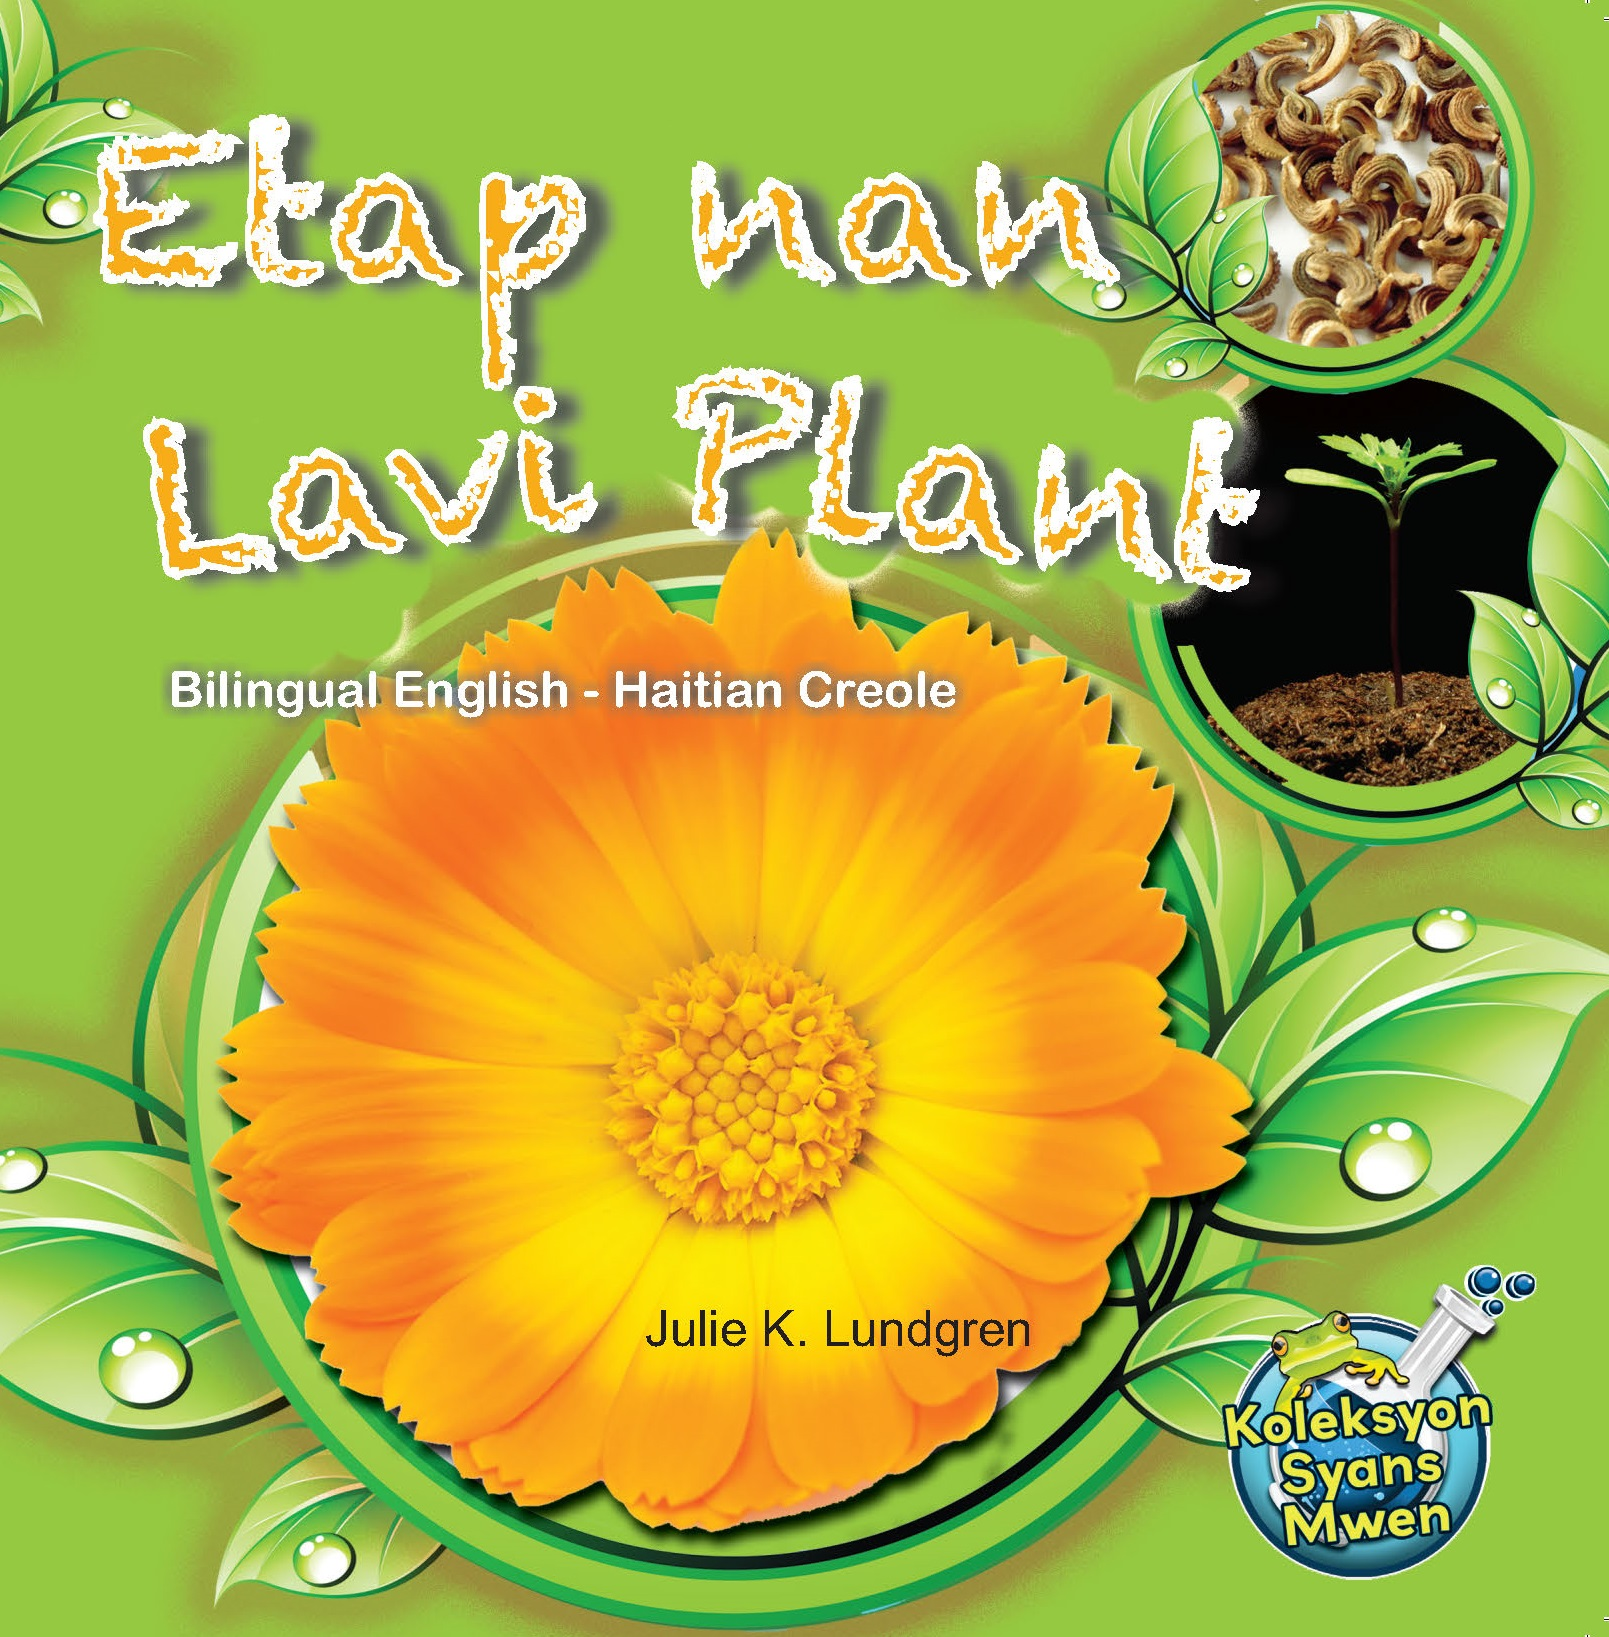 Etap nan Lavi Plant